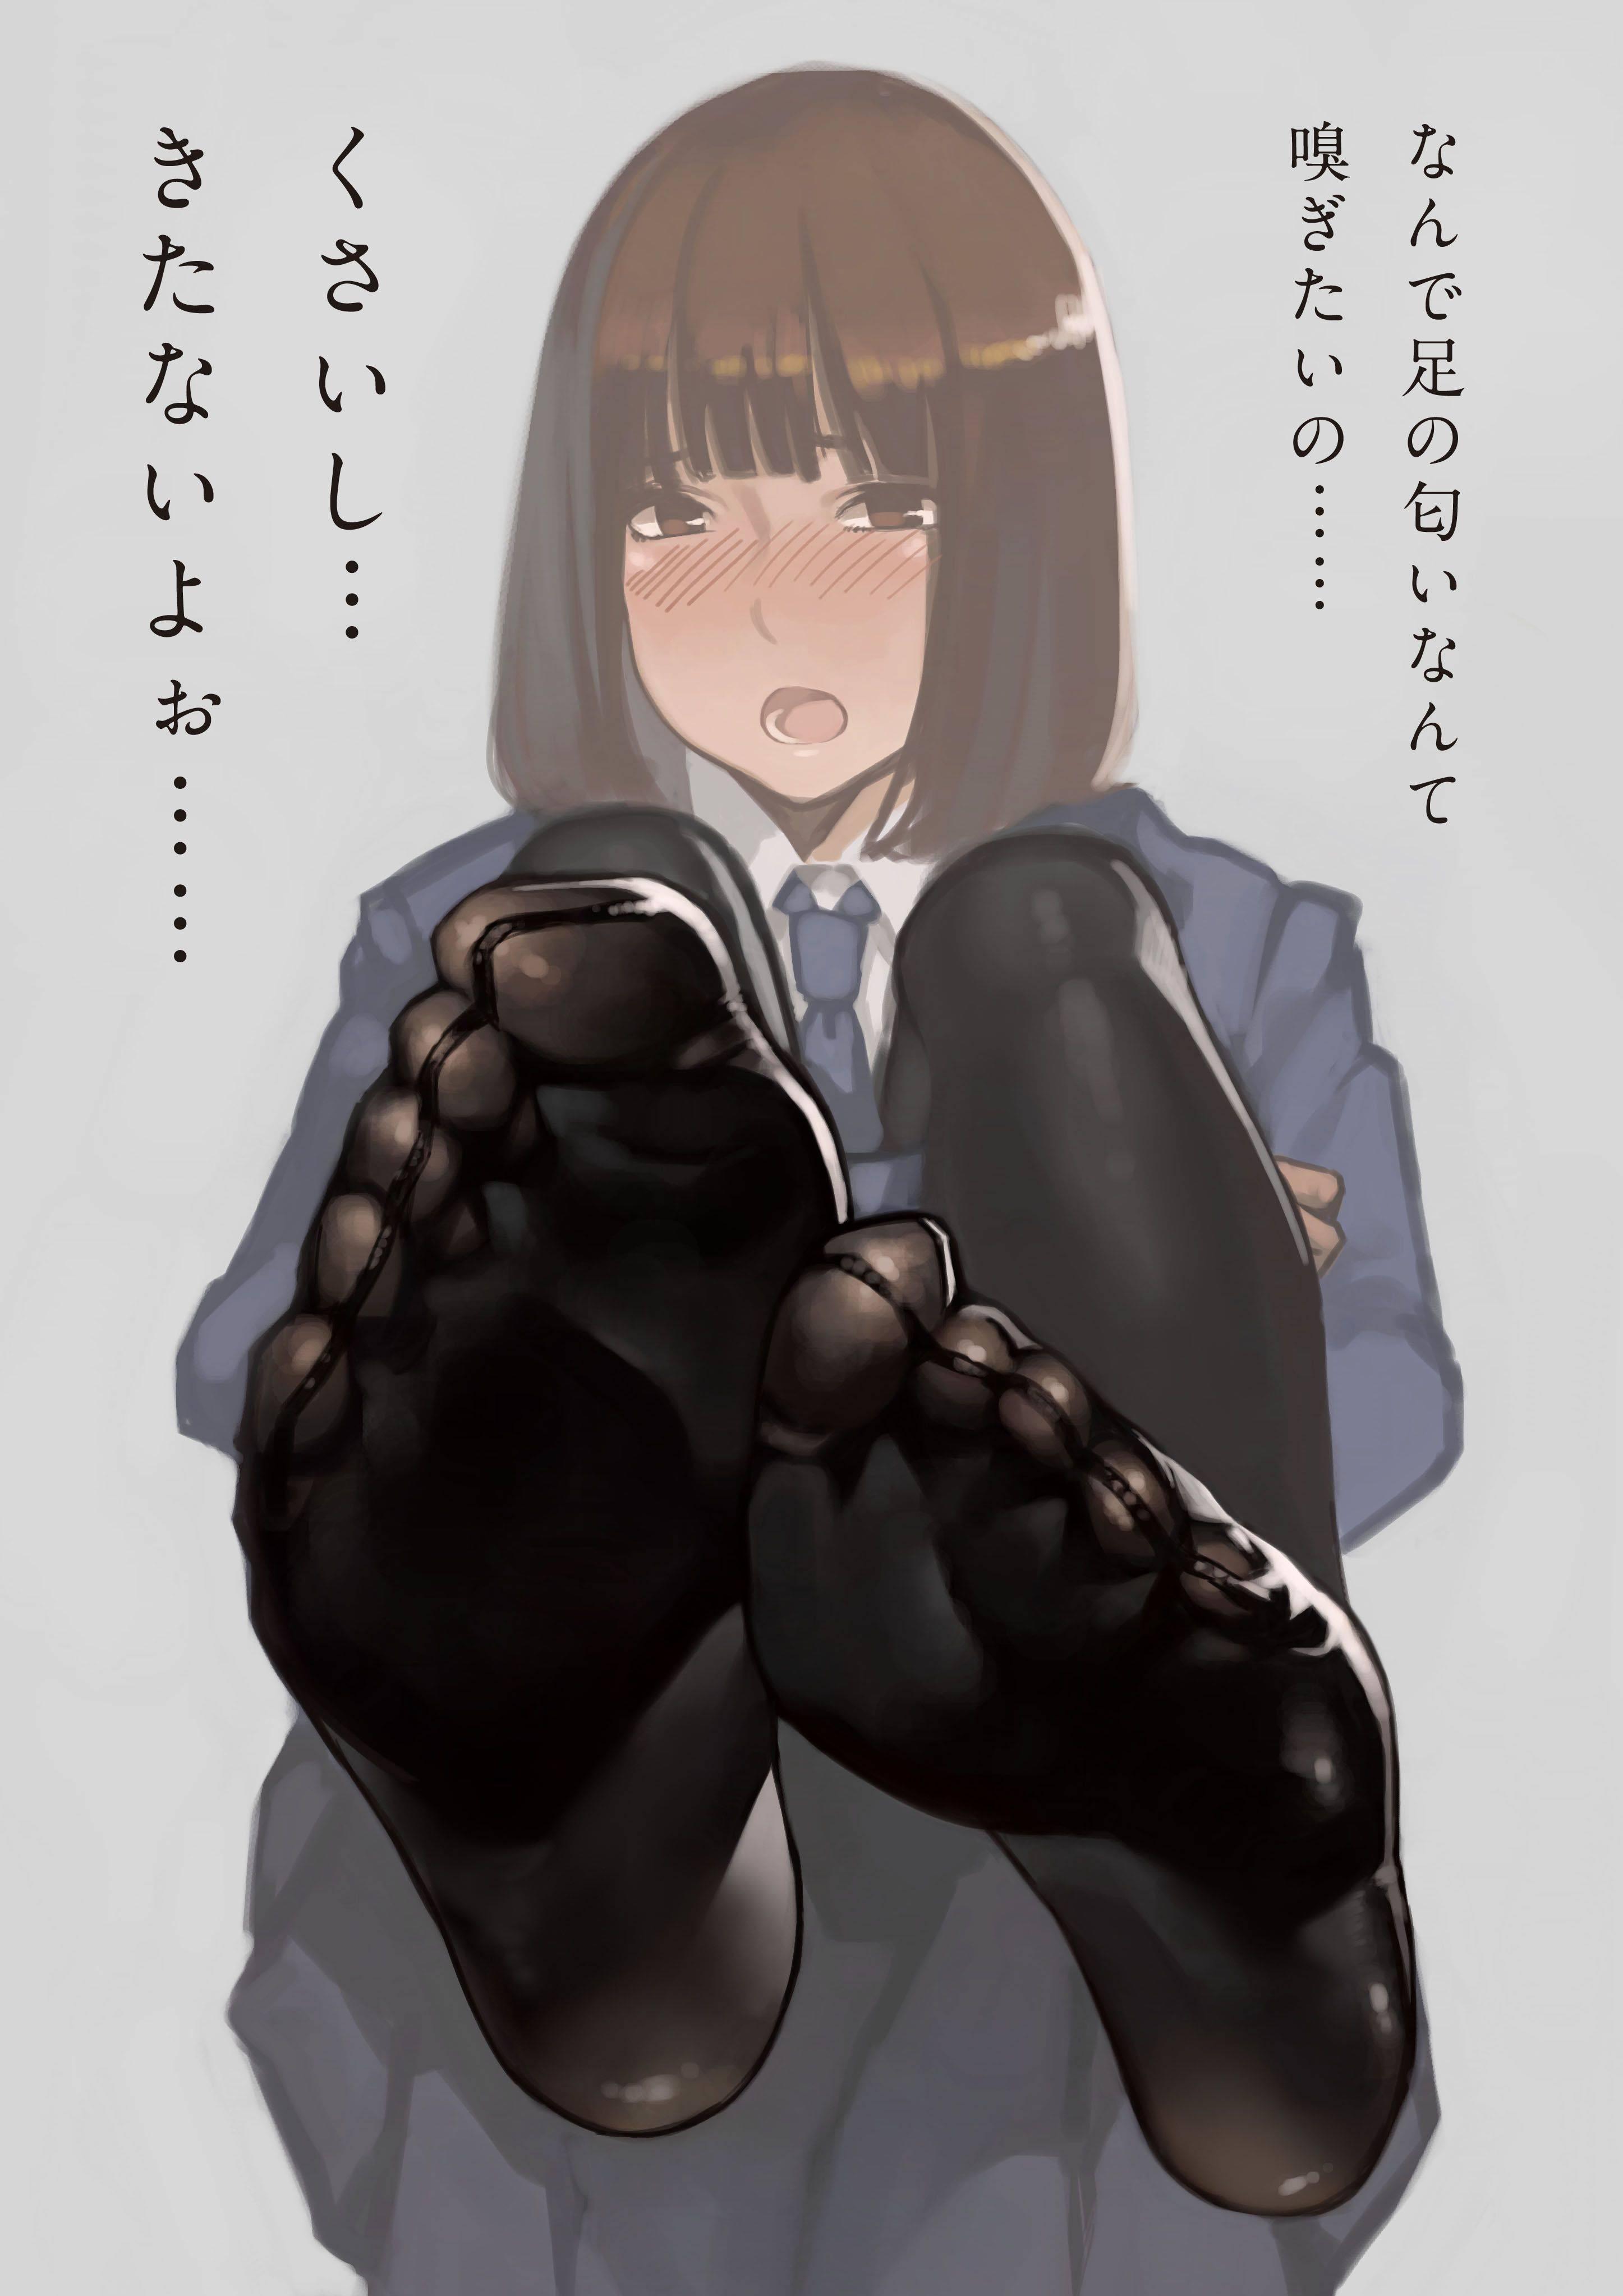 【上級者向け】くさそうな足の二次エロ画像【27】